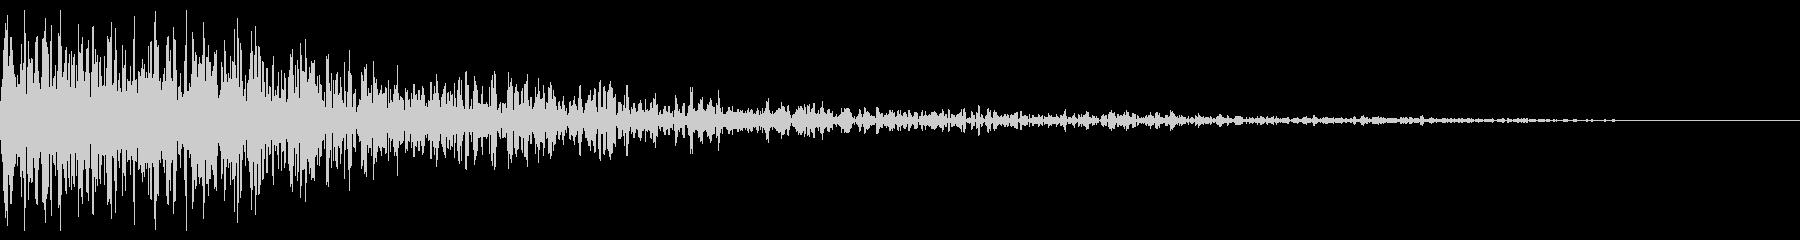 ディープスペースキャノン2の未再生の波形